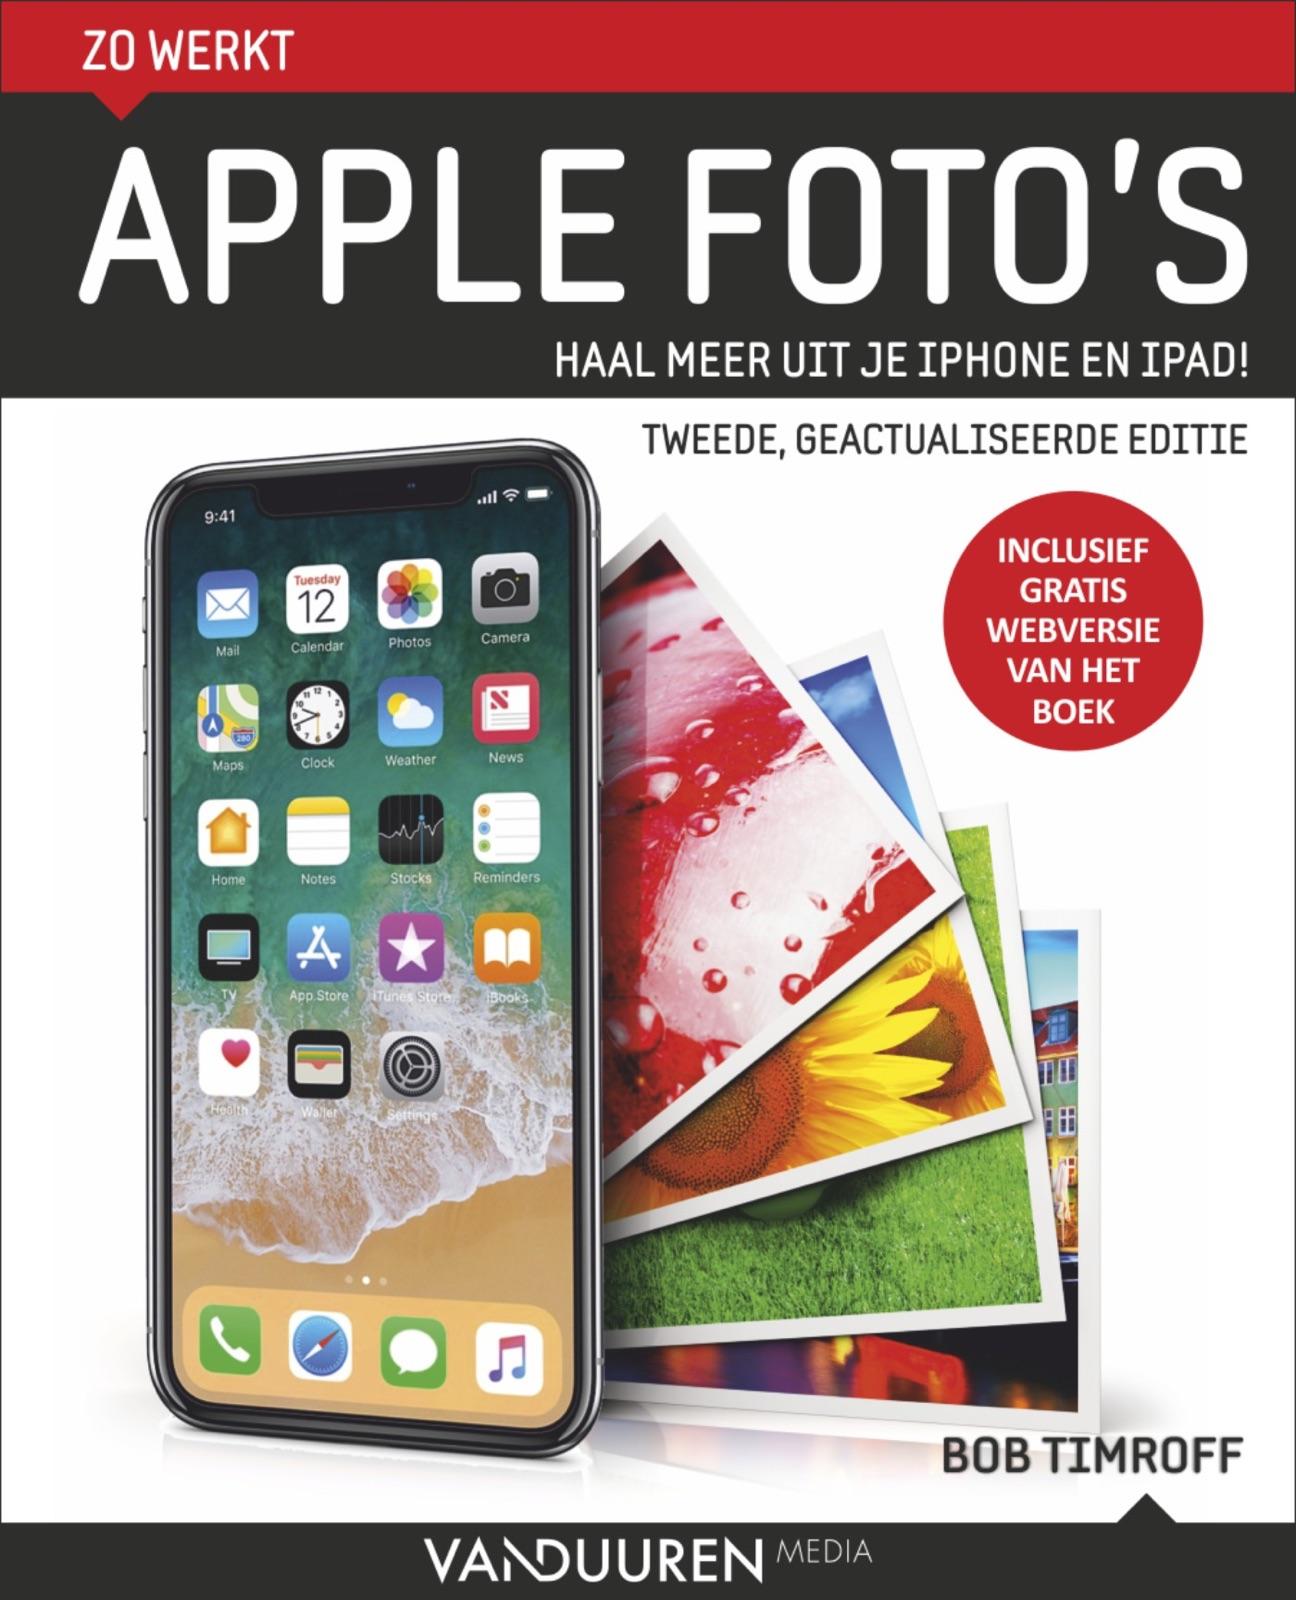 omslagfoto van het boek Zo werkt Apple Foto's van Bob Timroff